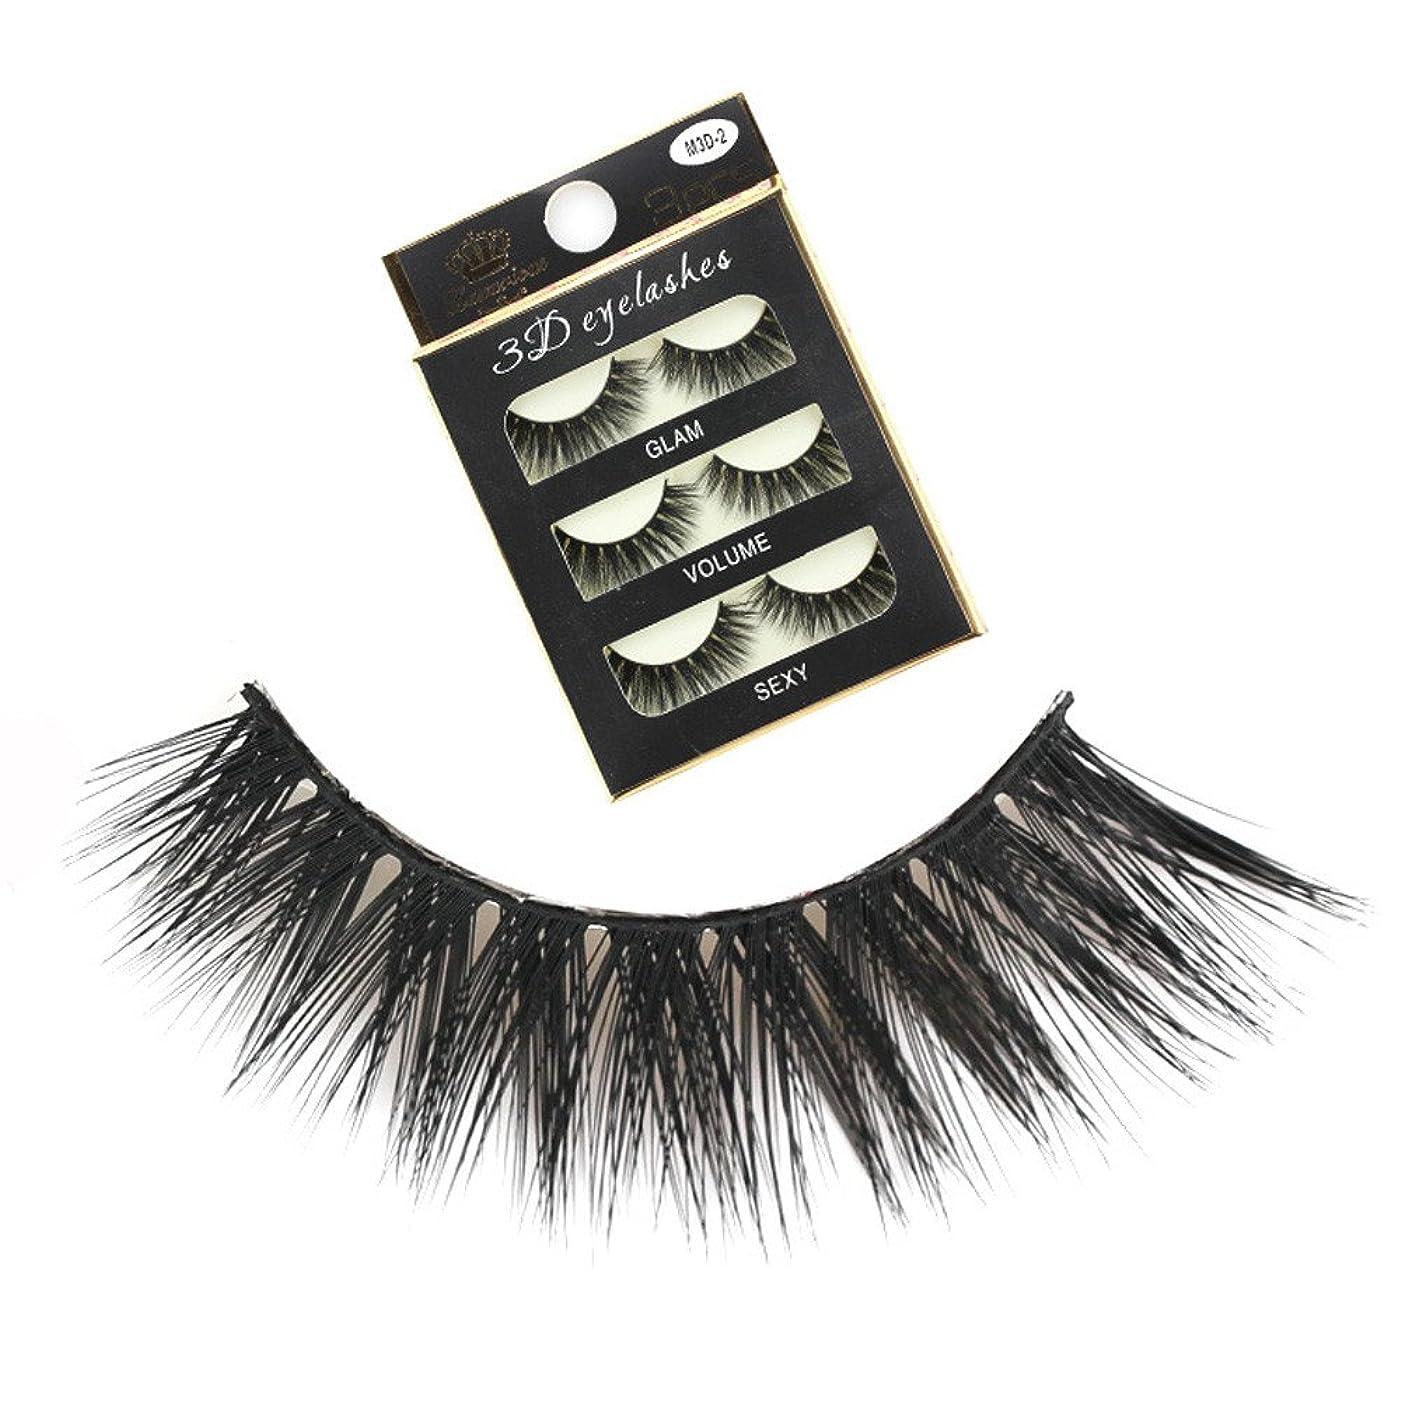 ネックレス効能近々つけまつげ LLuche 3Dミンクつけまつ毛ア グラマラスボリュームアイラッシュ ふんわりロングまつ毛 ふんわりロングまつ毛 3ペアの太いロングクロスパーティーつけまつげブラックバンド偽まつげ立体多層3DつけまつげM3D-2(黒, 超良い品質と低価格 魅惑的な クリスマス ギフト 人気 新タイプ ポータブル)